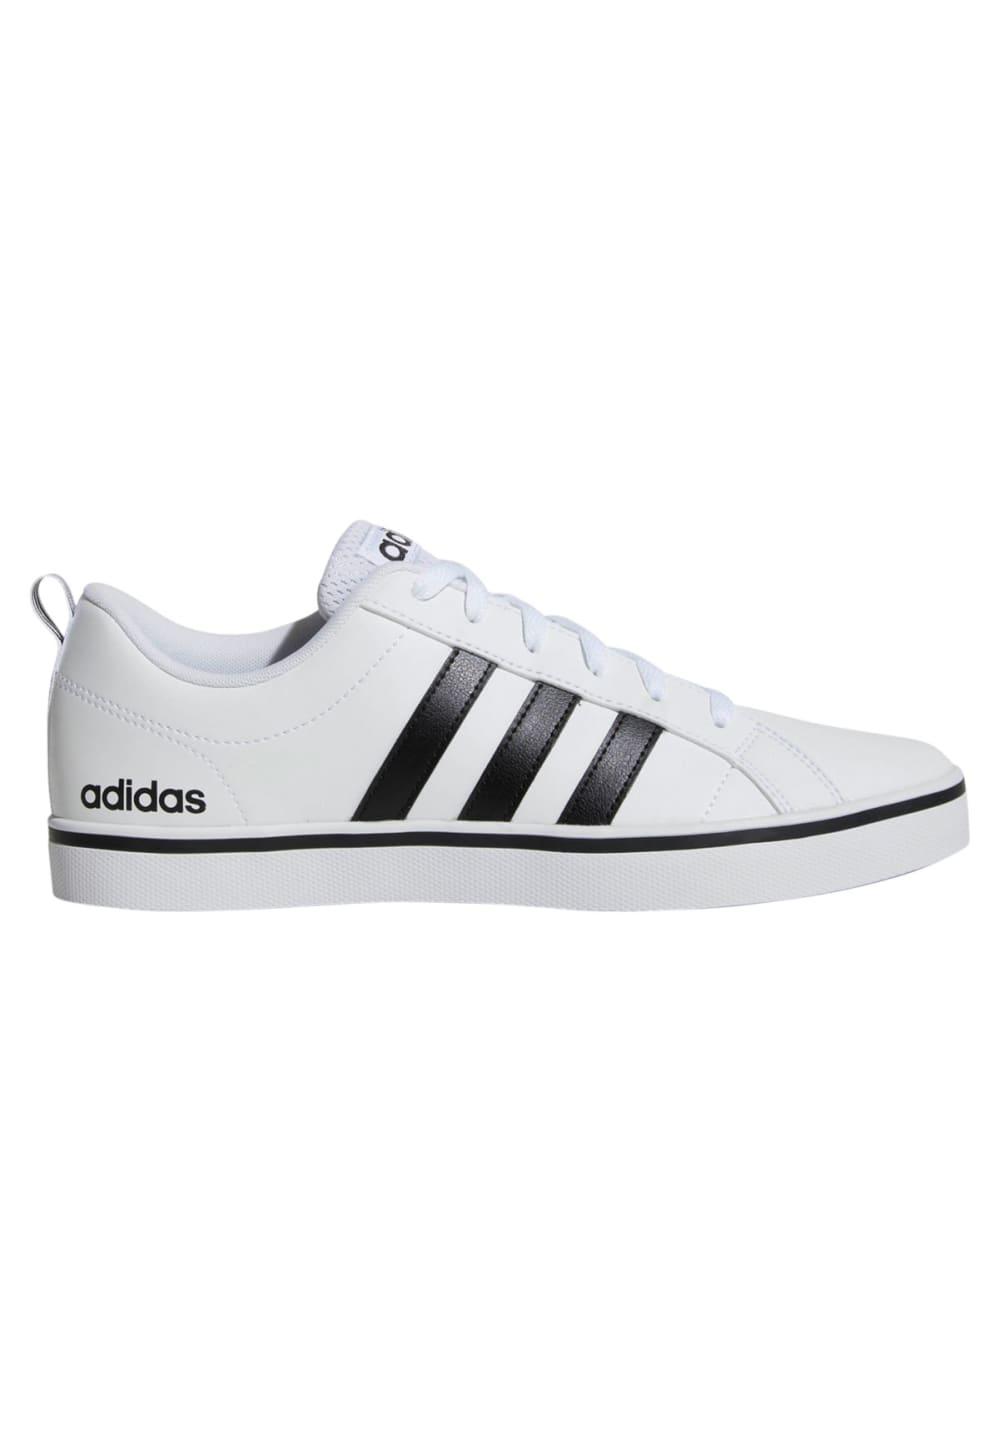 adidas VS Pace - Sneaker für Herren - Grau